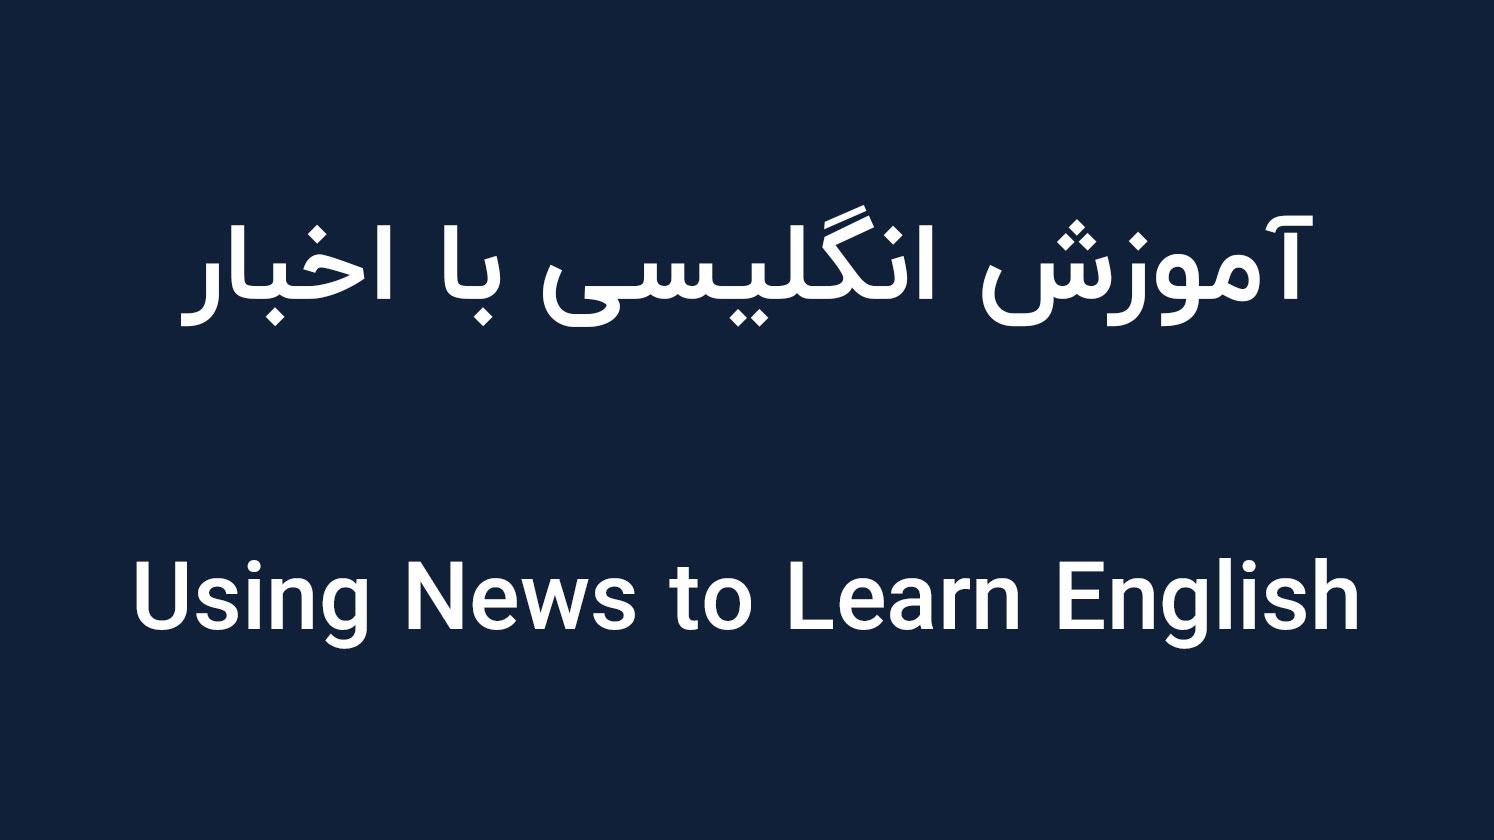 آموزش انگلیسی با اخبار